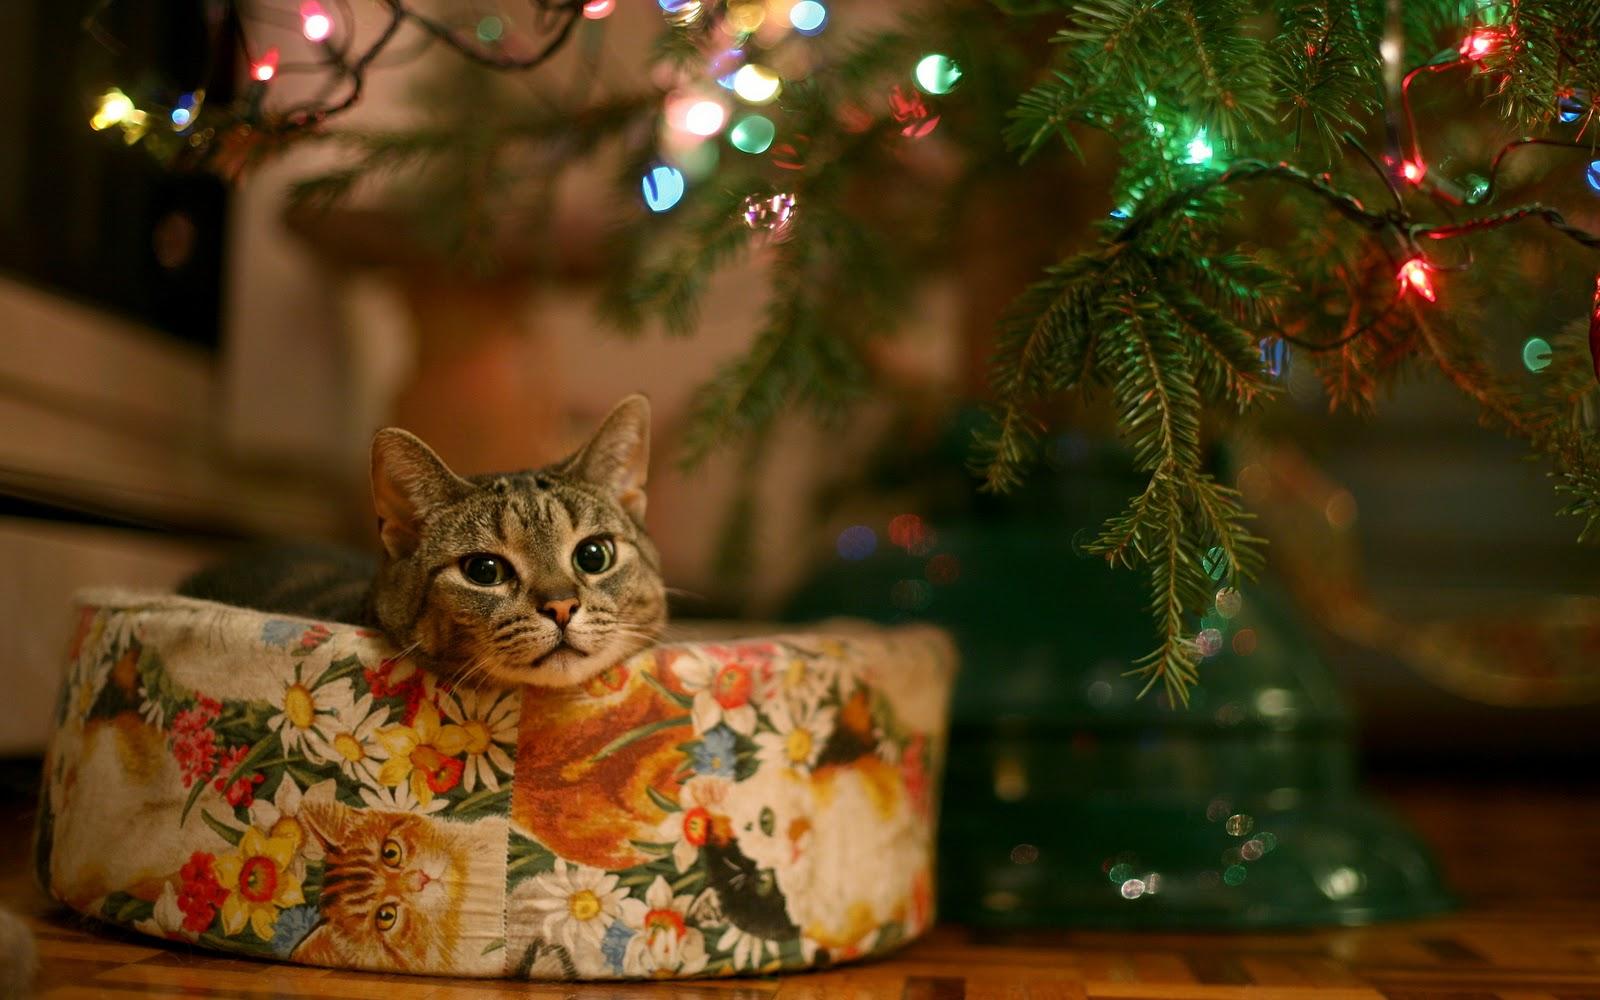 christmas kitten wallpaper 2017 - Grasscloth Wallpaper